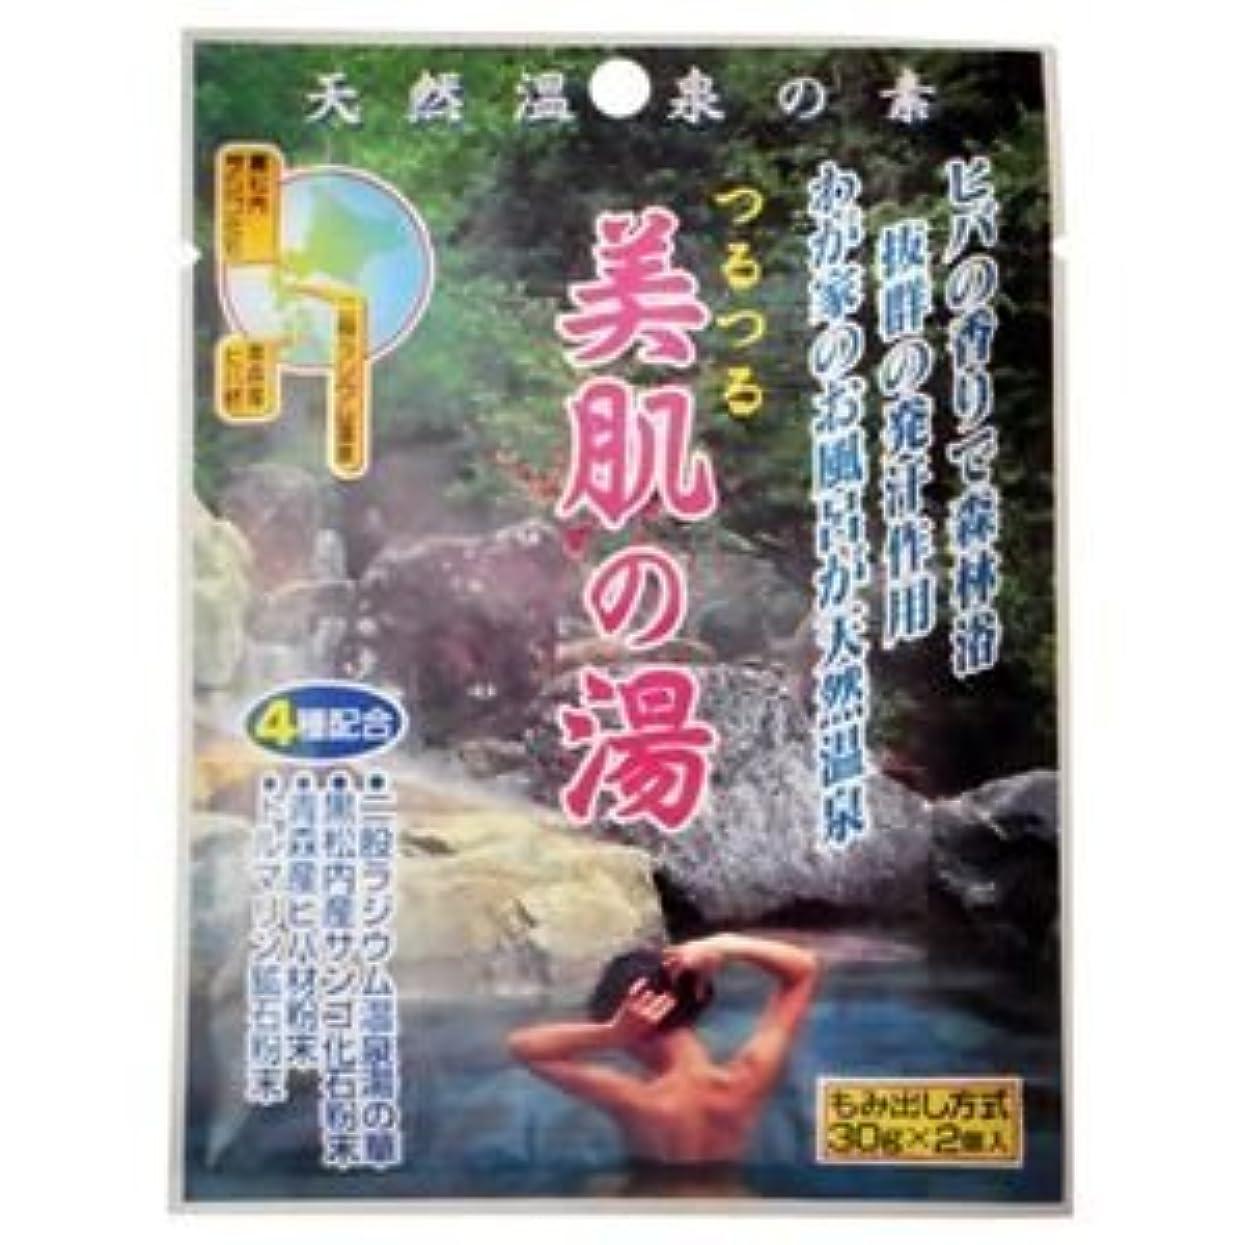 無礼に魚スクレーパー天然温泉の素 つるつる美肌の湯 30g×2個入(入浴剤) (10個セット)